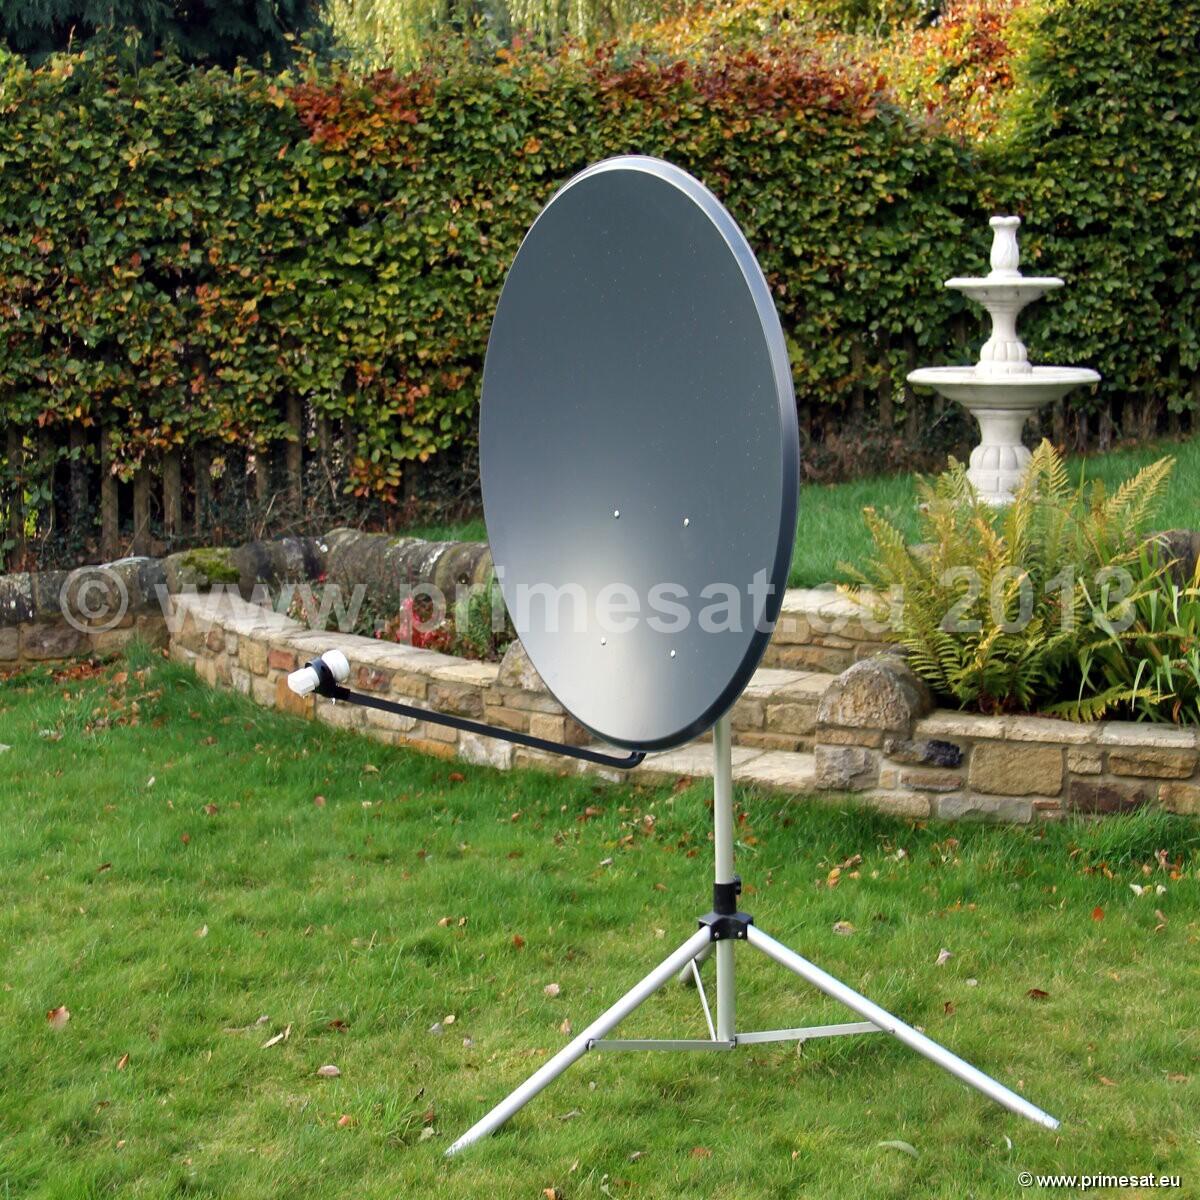 primesat aluminium 1 0m 1 1m and 1 3m satellite dish 110cm